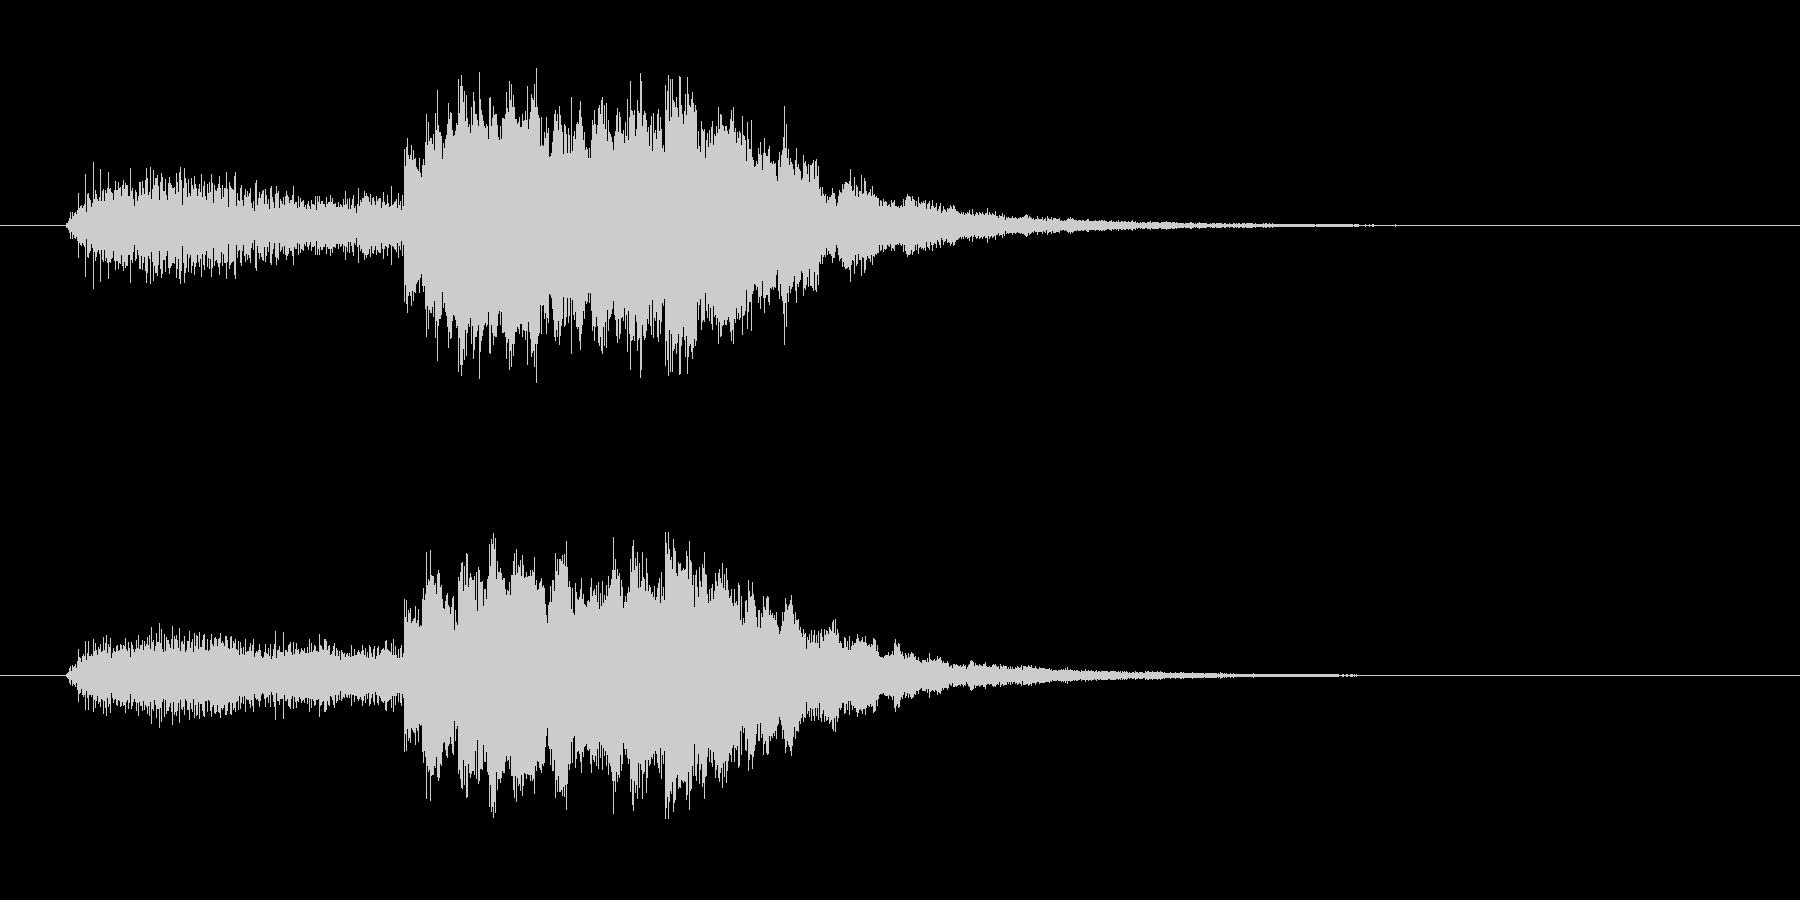 浮遊感あるシンセとピロリンピロリン音の未再生の波形